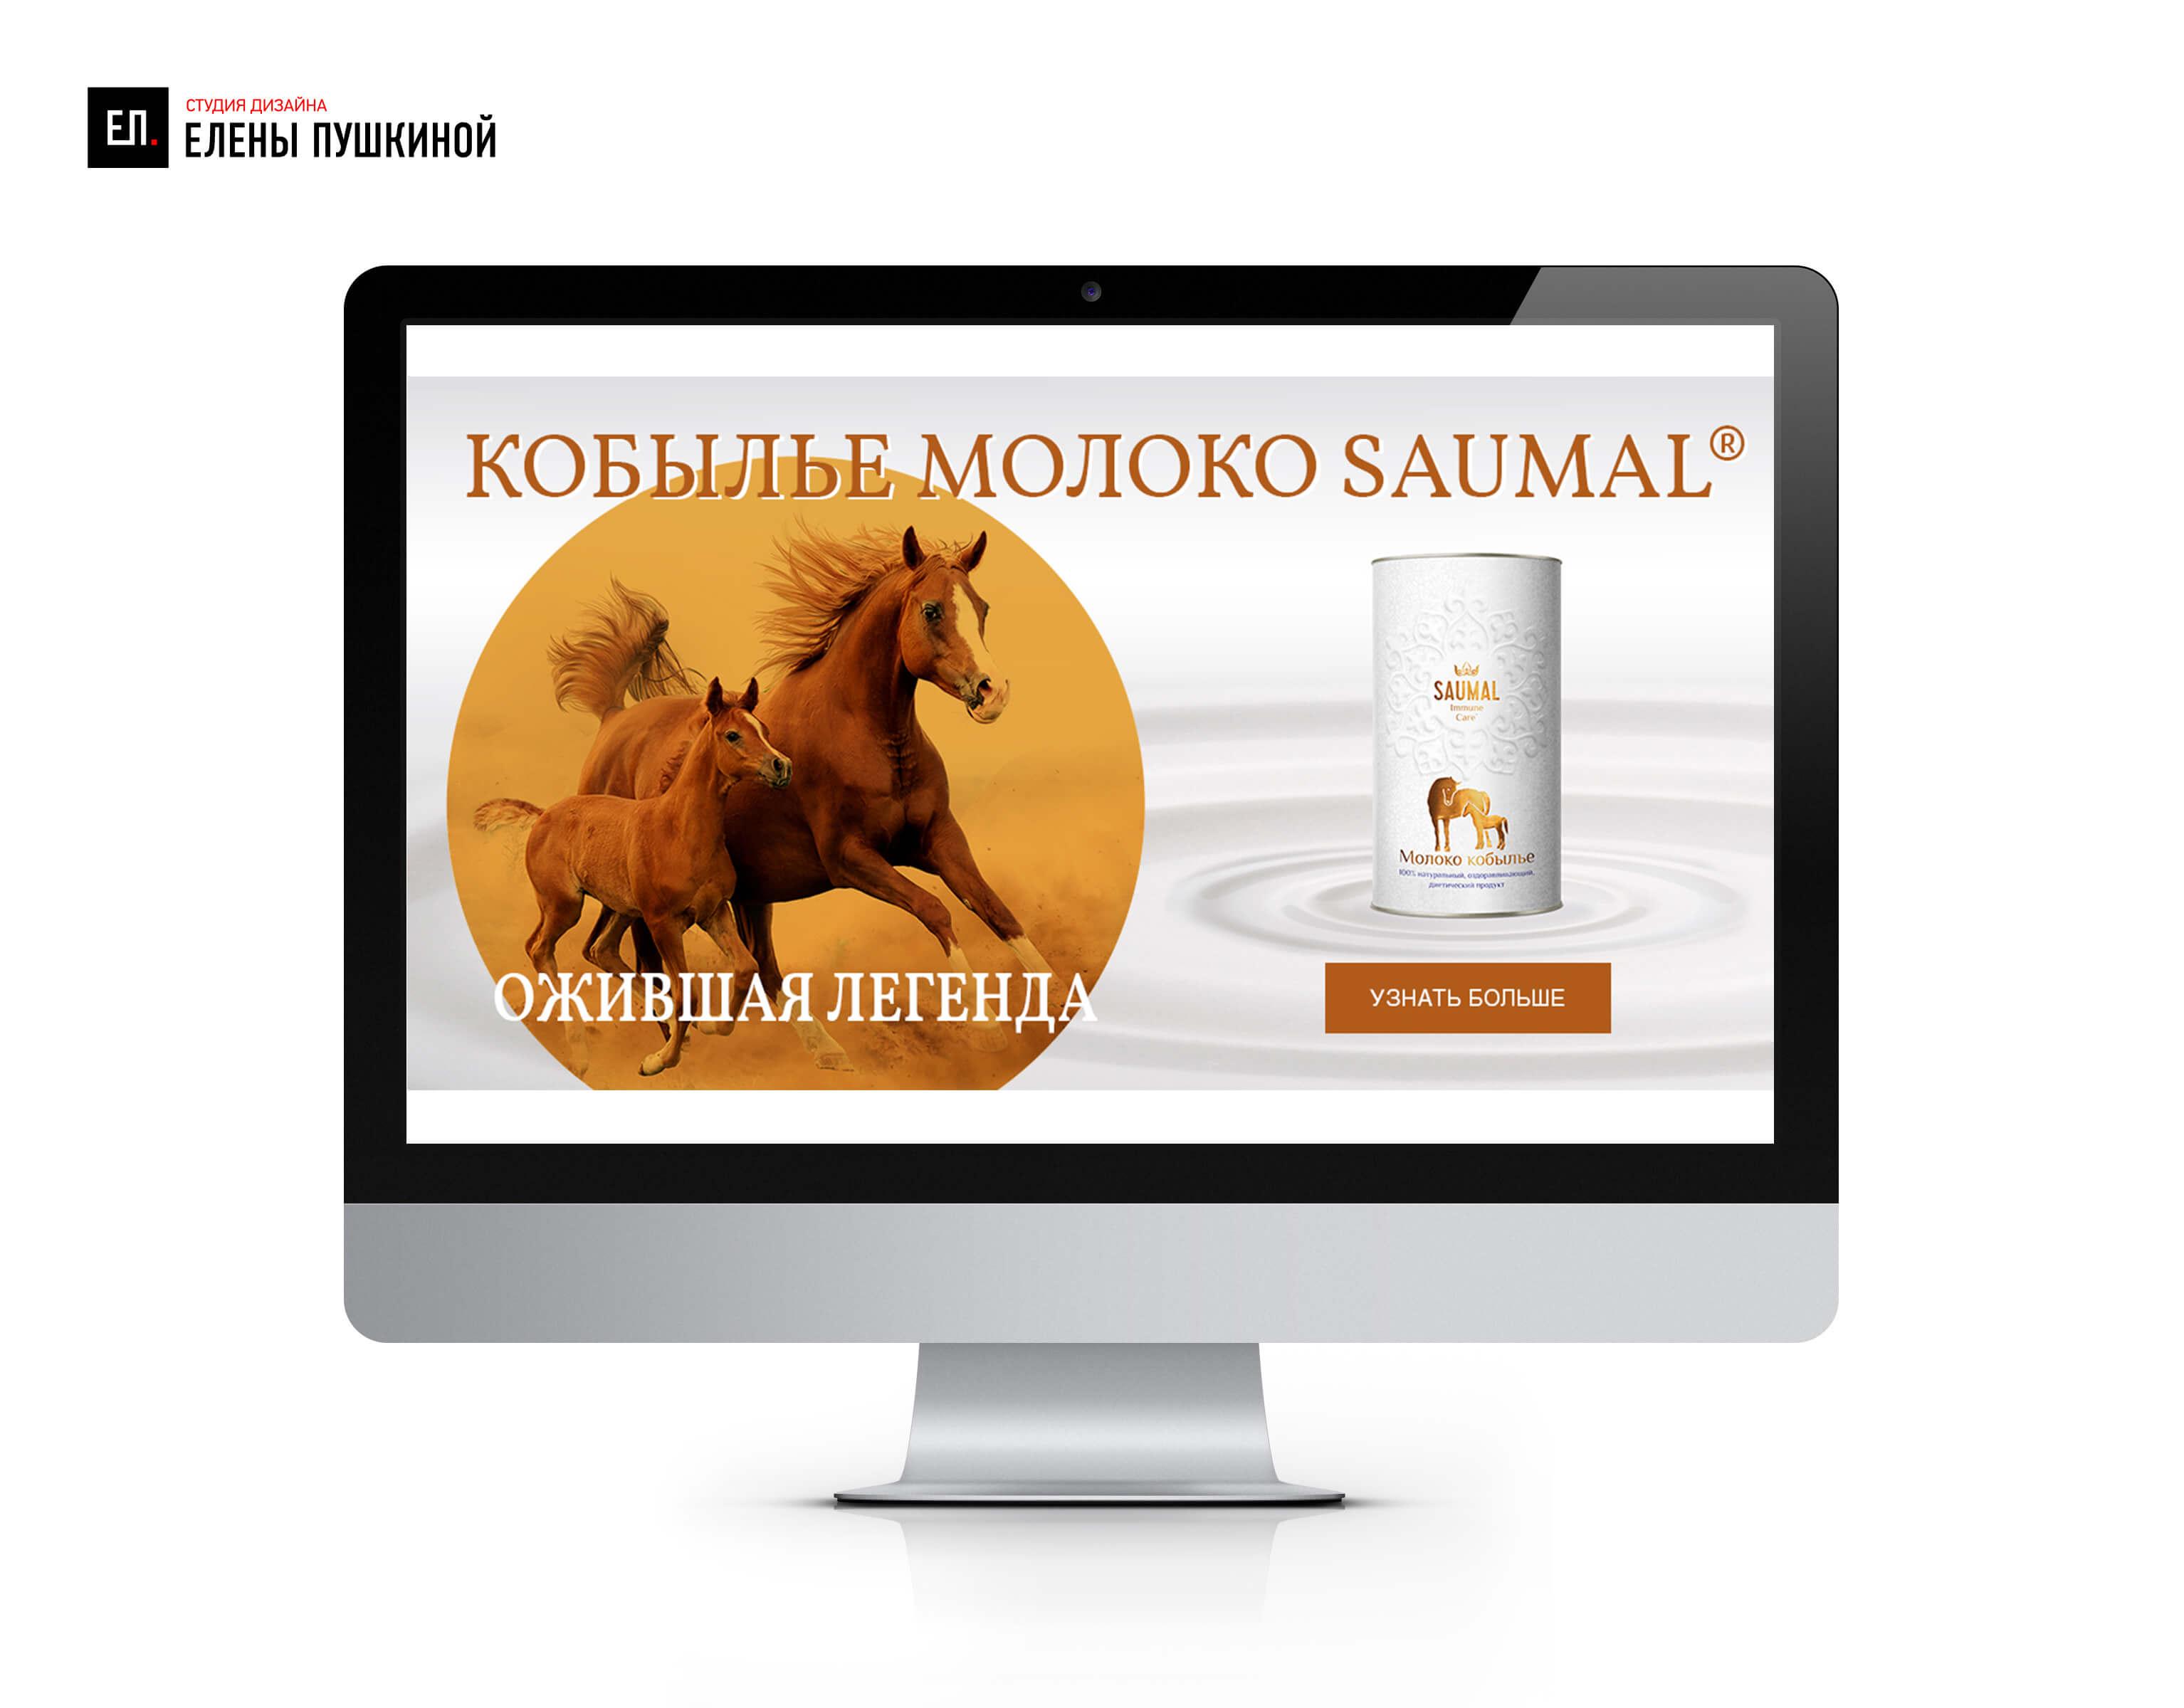 Веб-баннер №1 дляРК производителя кобыльего молока «SAUMAL»— разработка дизайна баннера Баннеры для сайта Портфолио